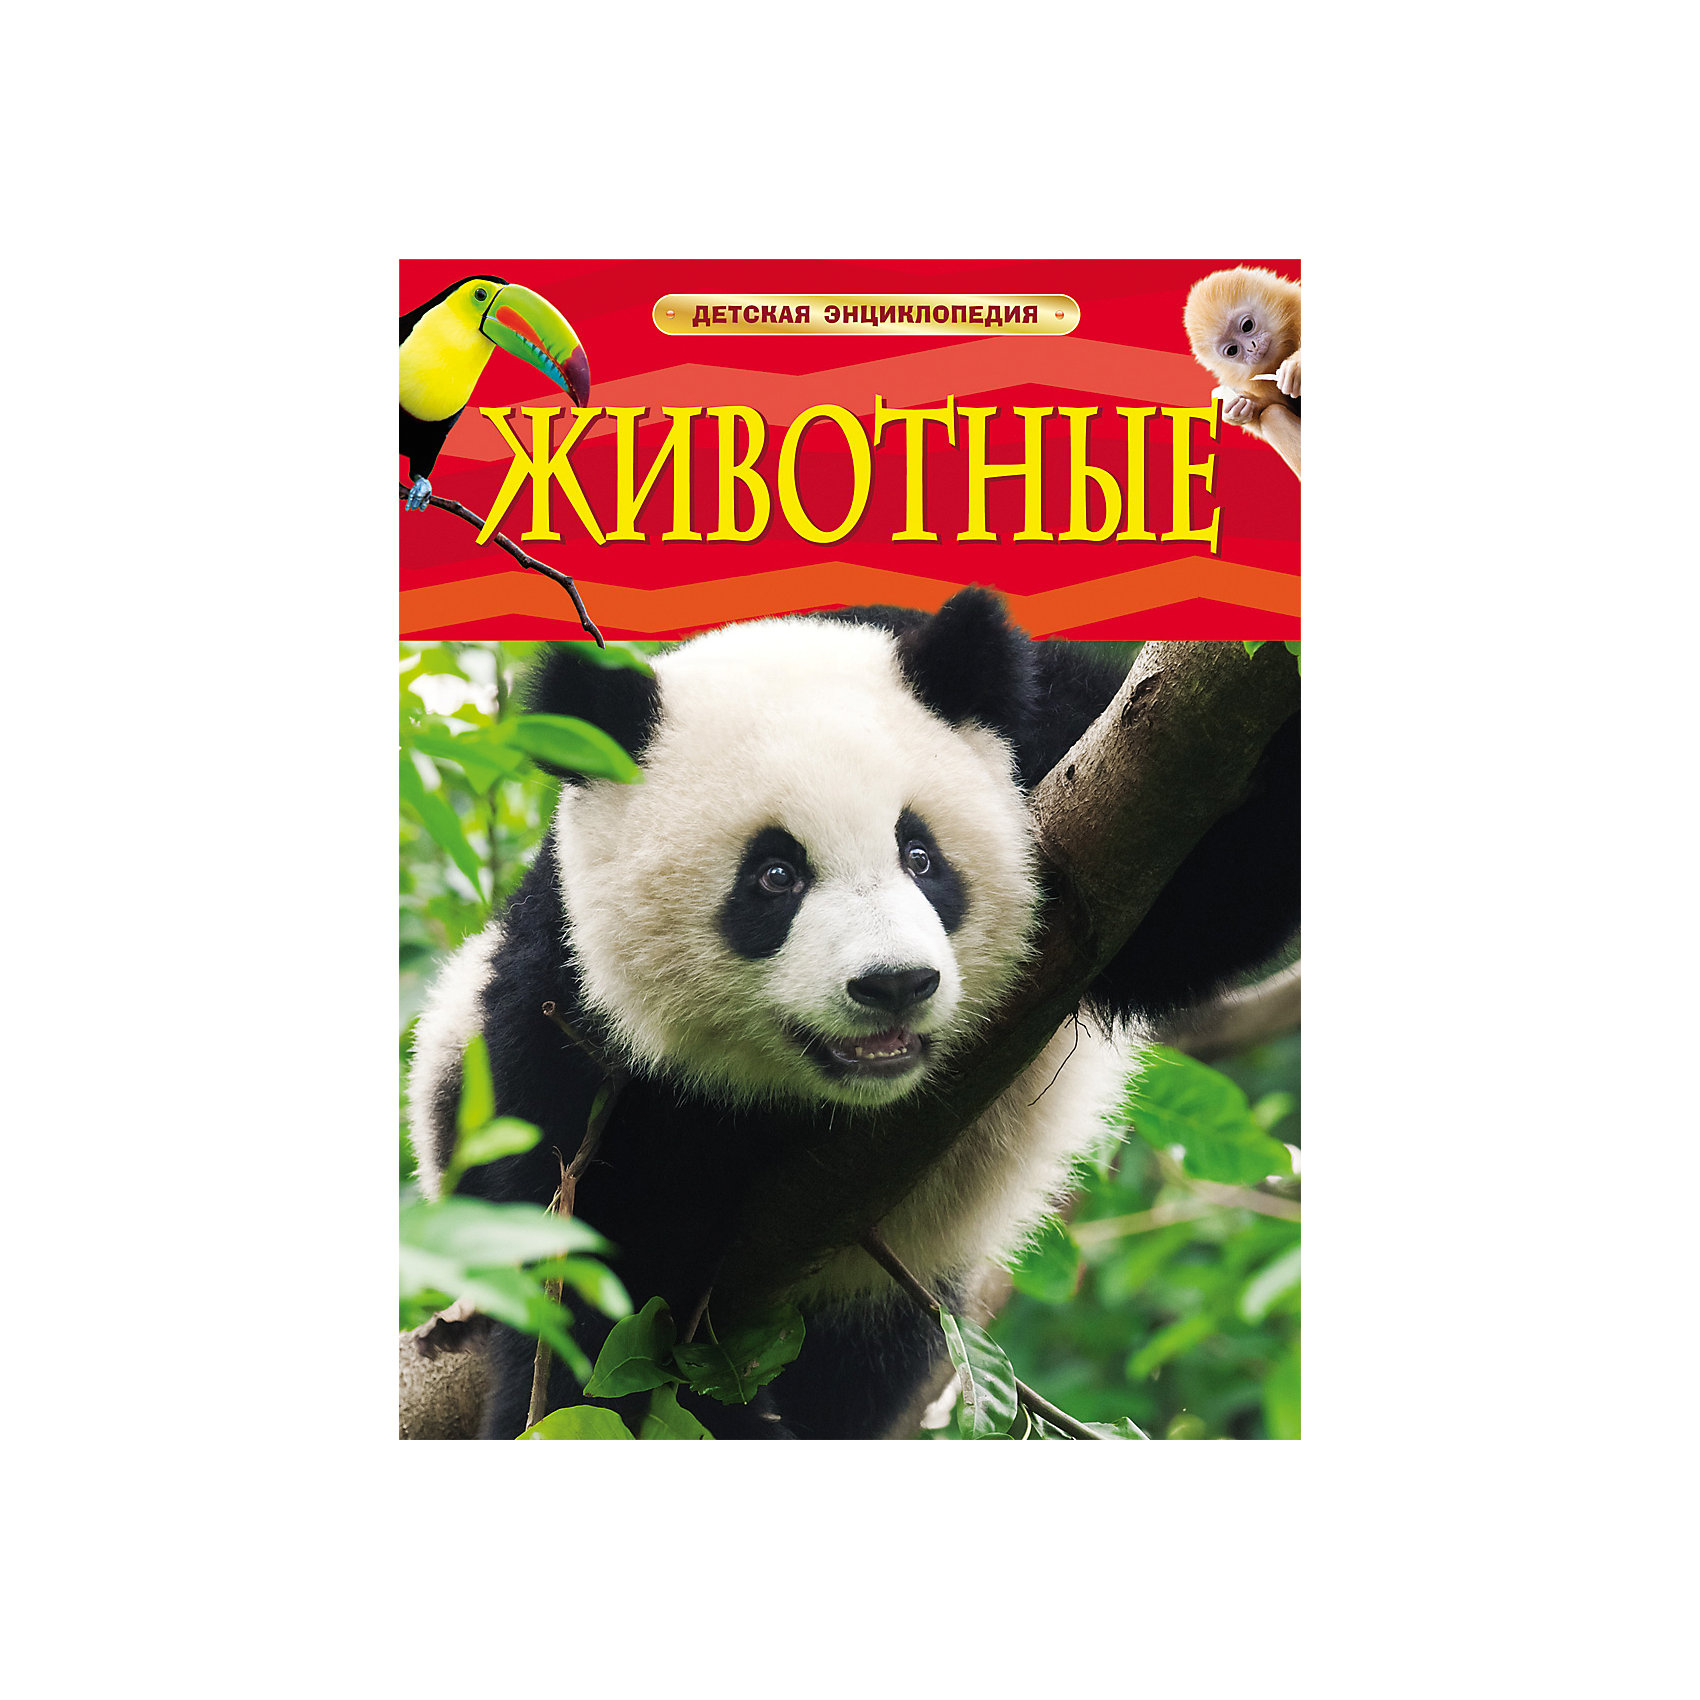 Росмэн Детская энциклопедия Животные книга новая детская энциклопедия